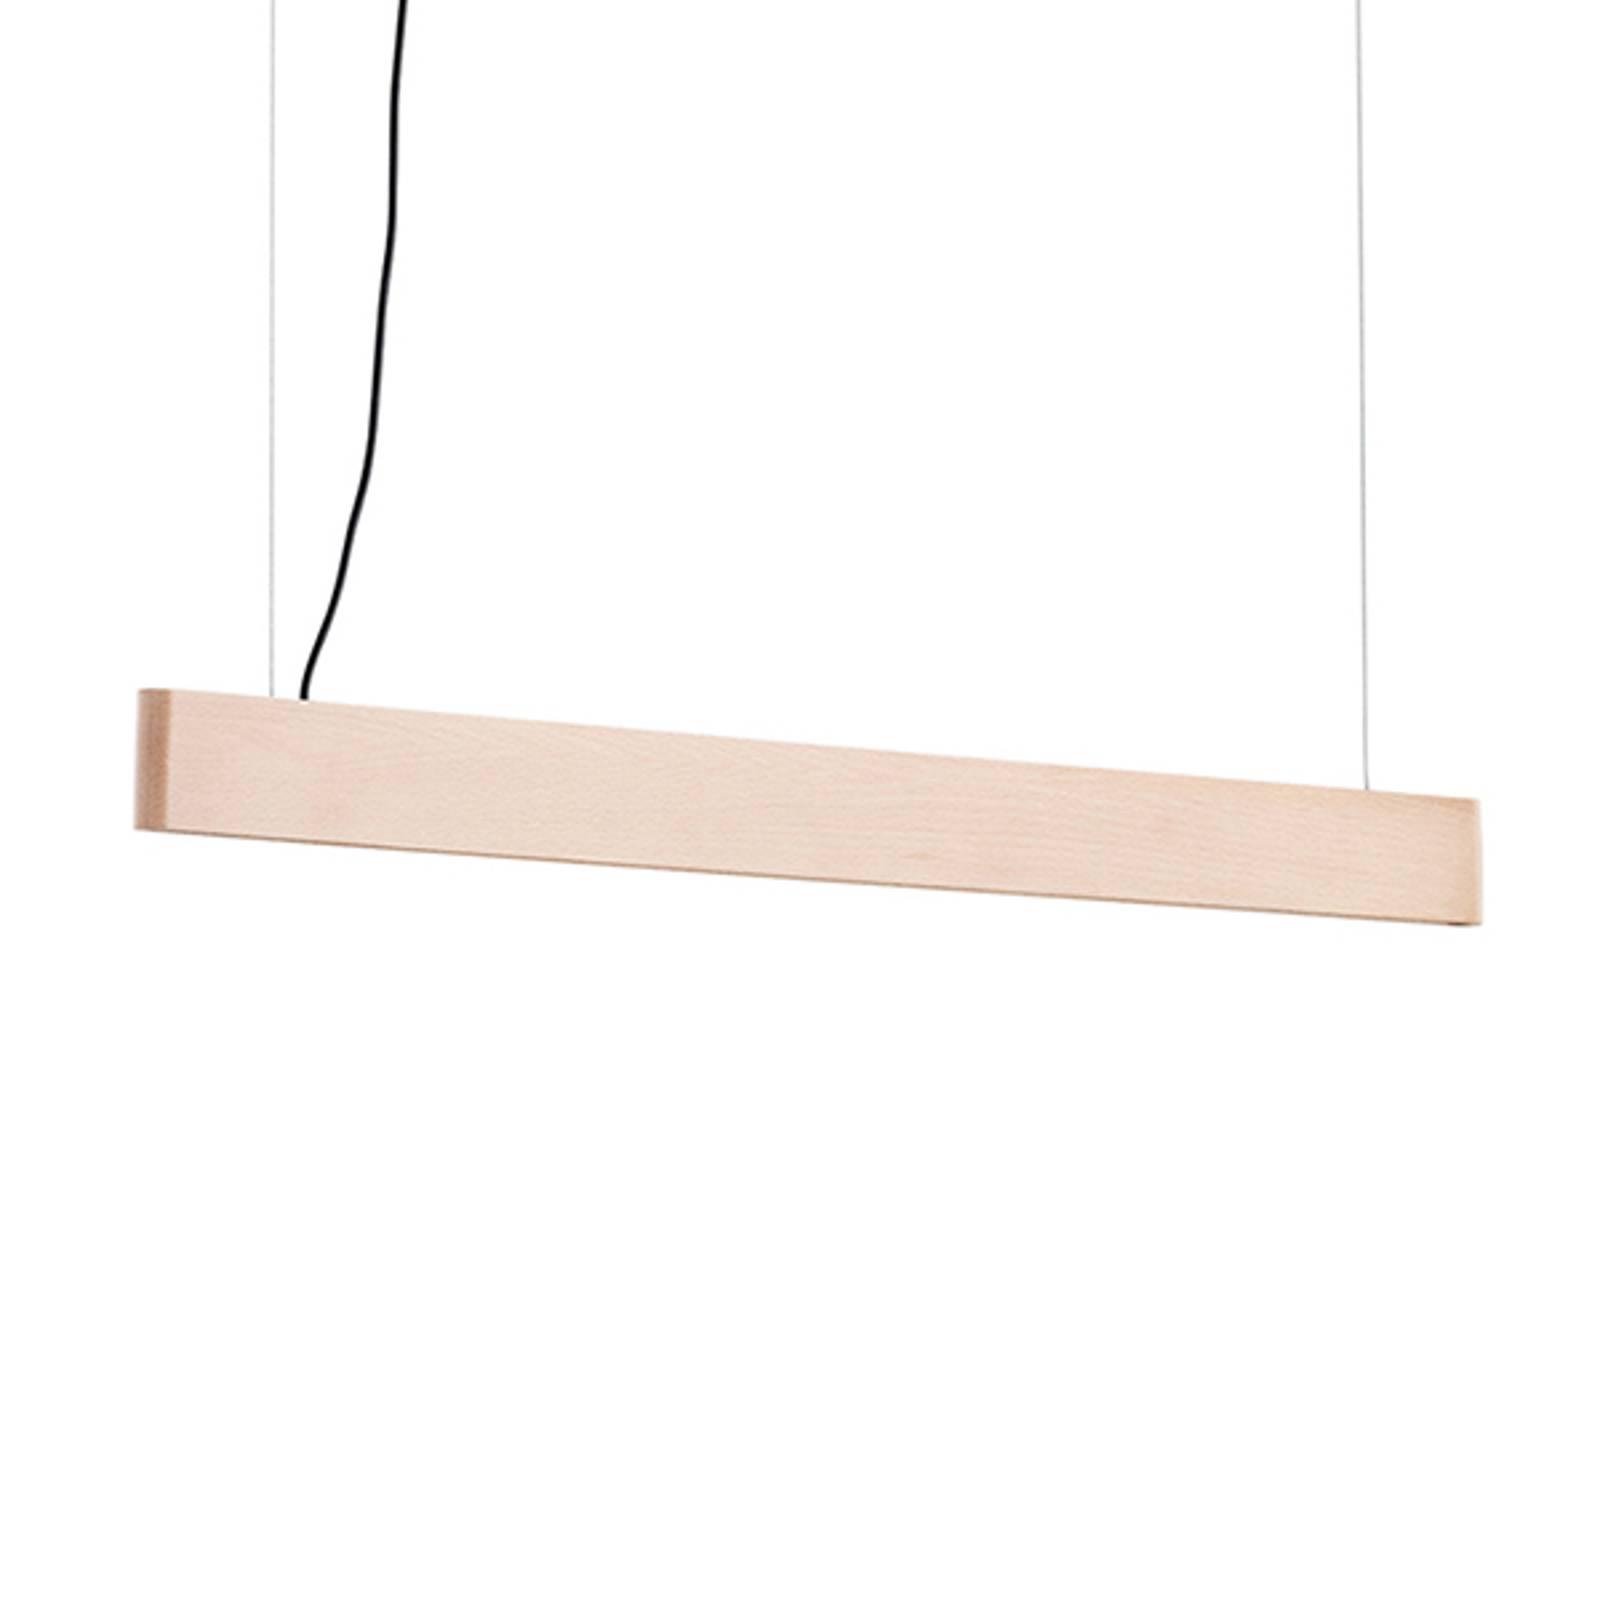 LED-riippuvalaisin Abbon, varjostin pyökkiä, 90 cm